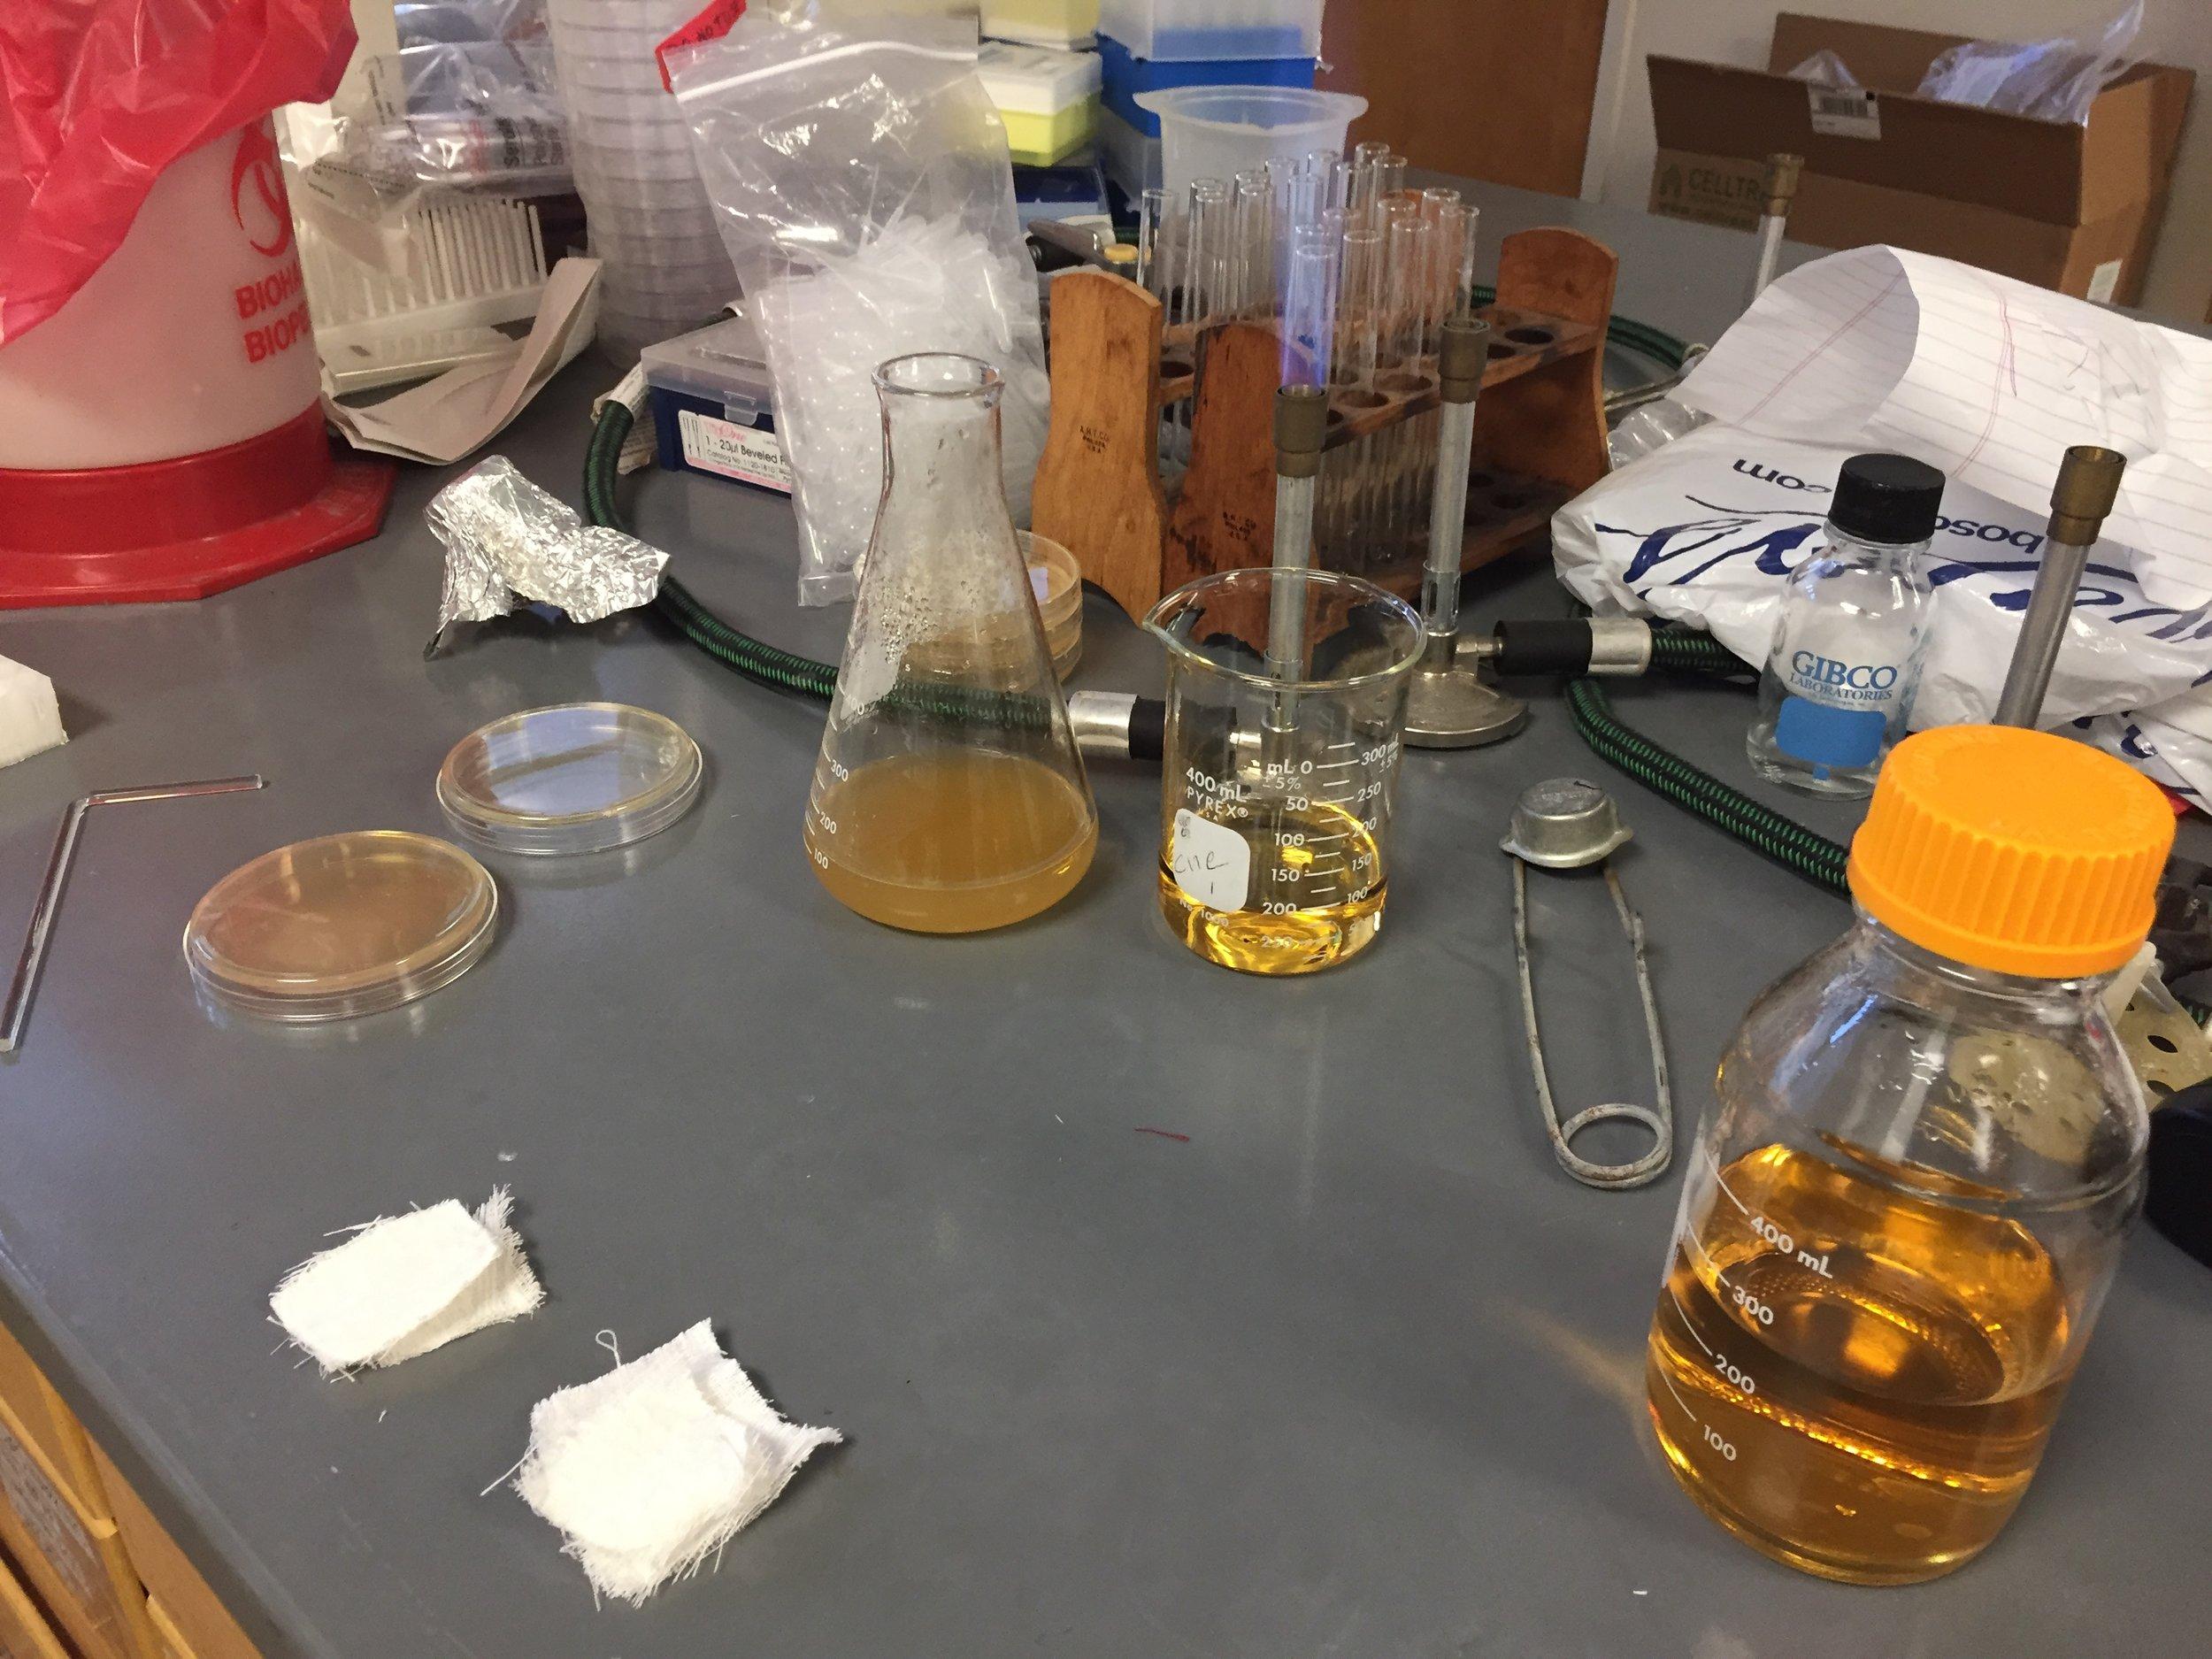 preparing for bacterial exposure